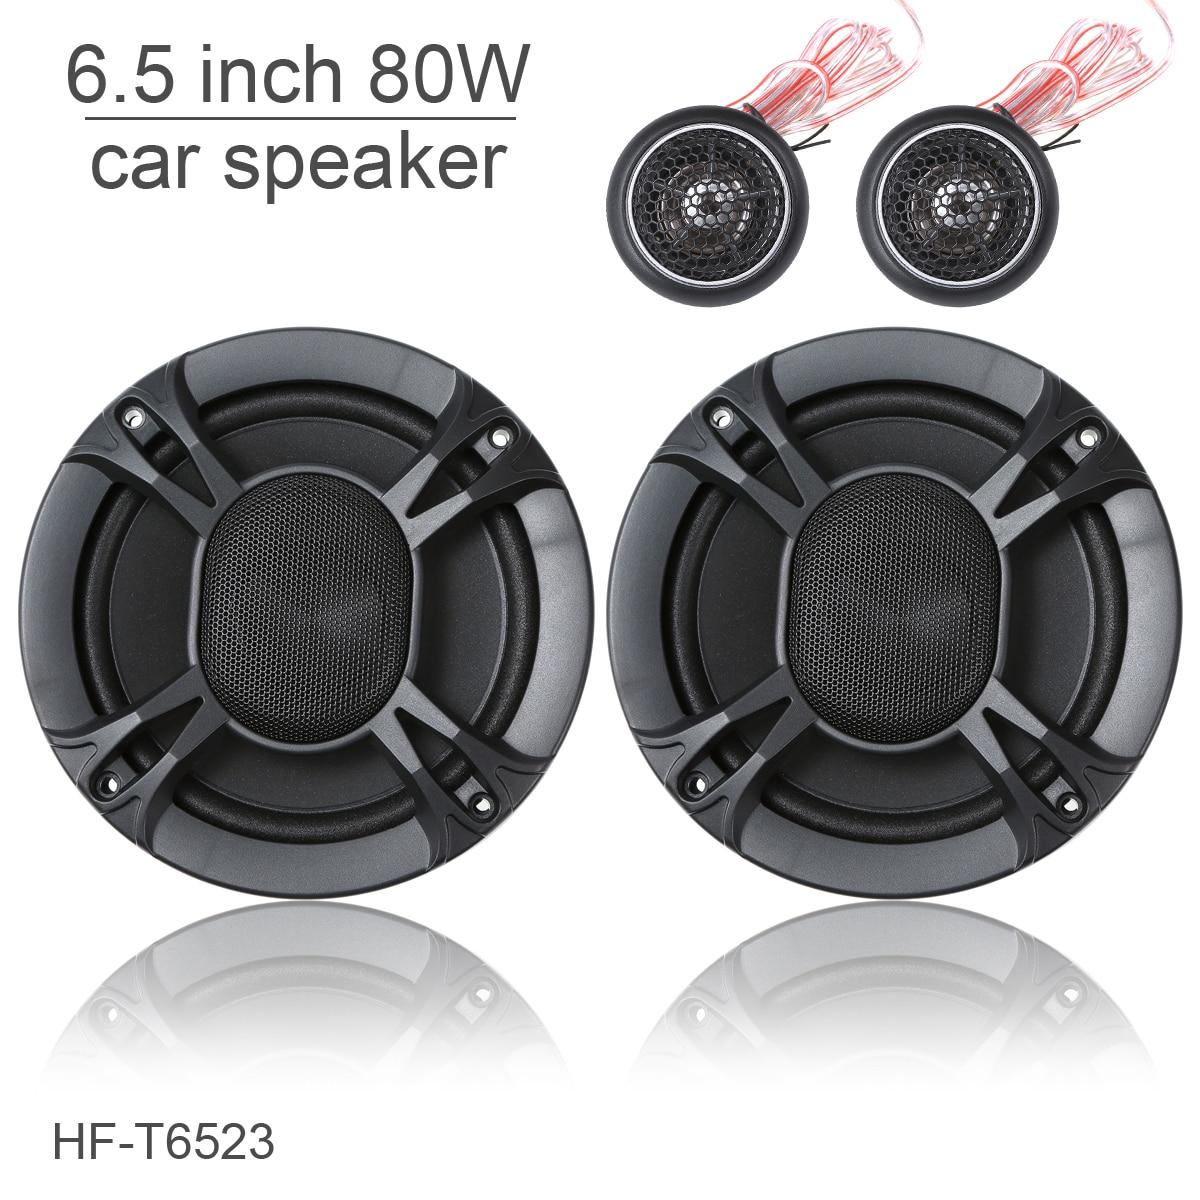 HF-T6523 un ensemble 6.5 pouces 80 W Coaxial gamme complète haut-parleur stéréo de voiture avec Tweeter et diviseur de fréquence pour les voitures